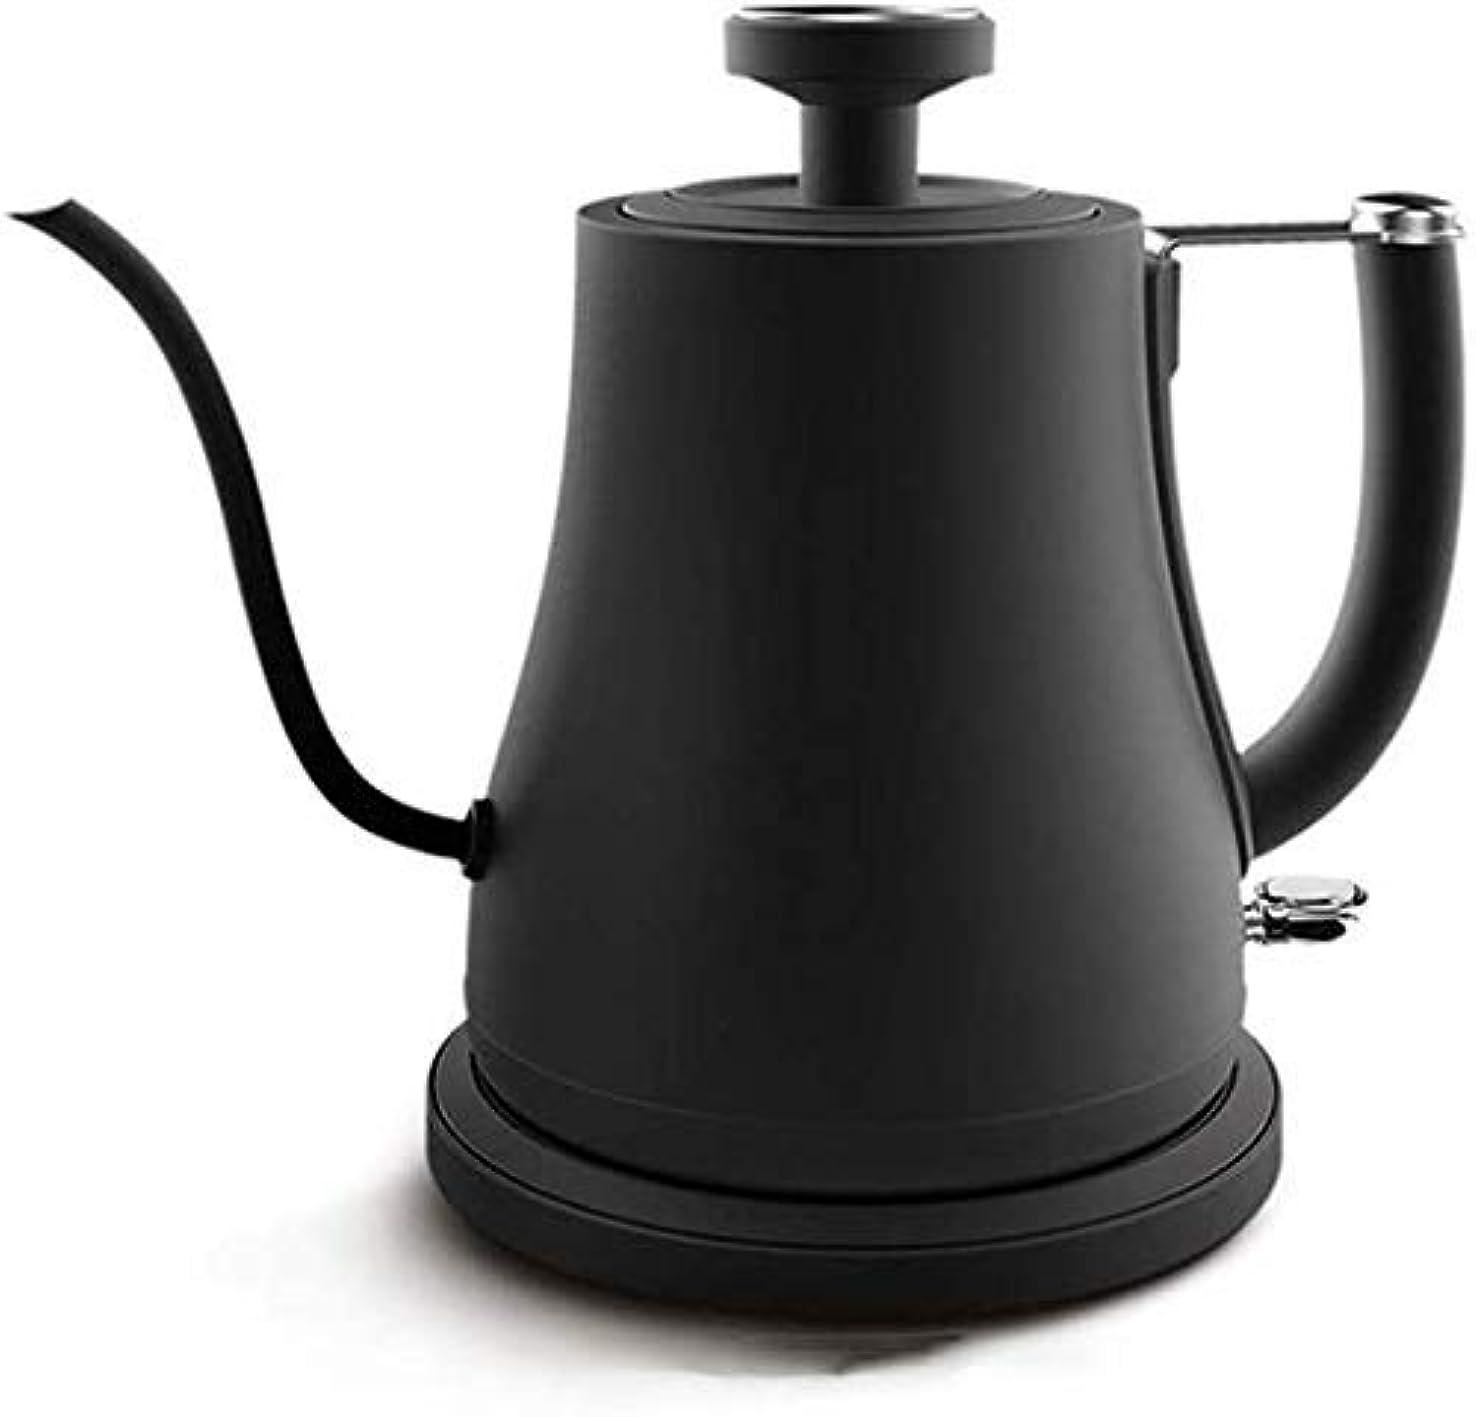 プレビュー賠償発掘するステンレス鋼のやかん、ティーポット、ステンレスケトル電気、1litres、800W、カワウソ自動シャットオフとボイルドライ保護、お茶やコーヒー醸造用湯沸かし器、1.7リットル[A-レベル。